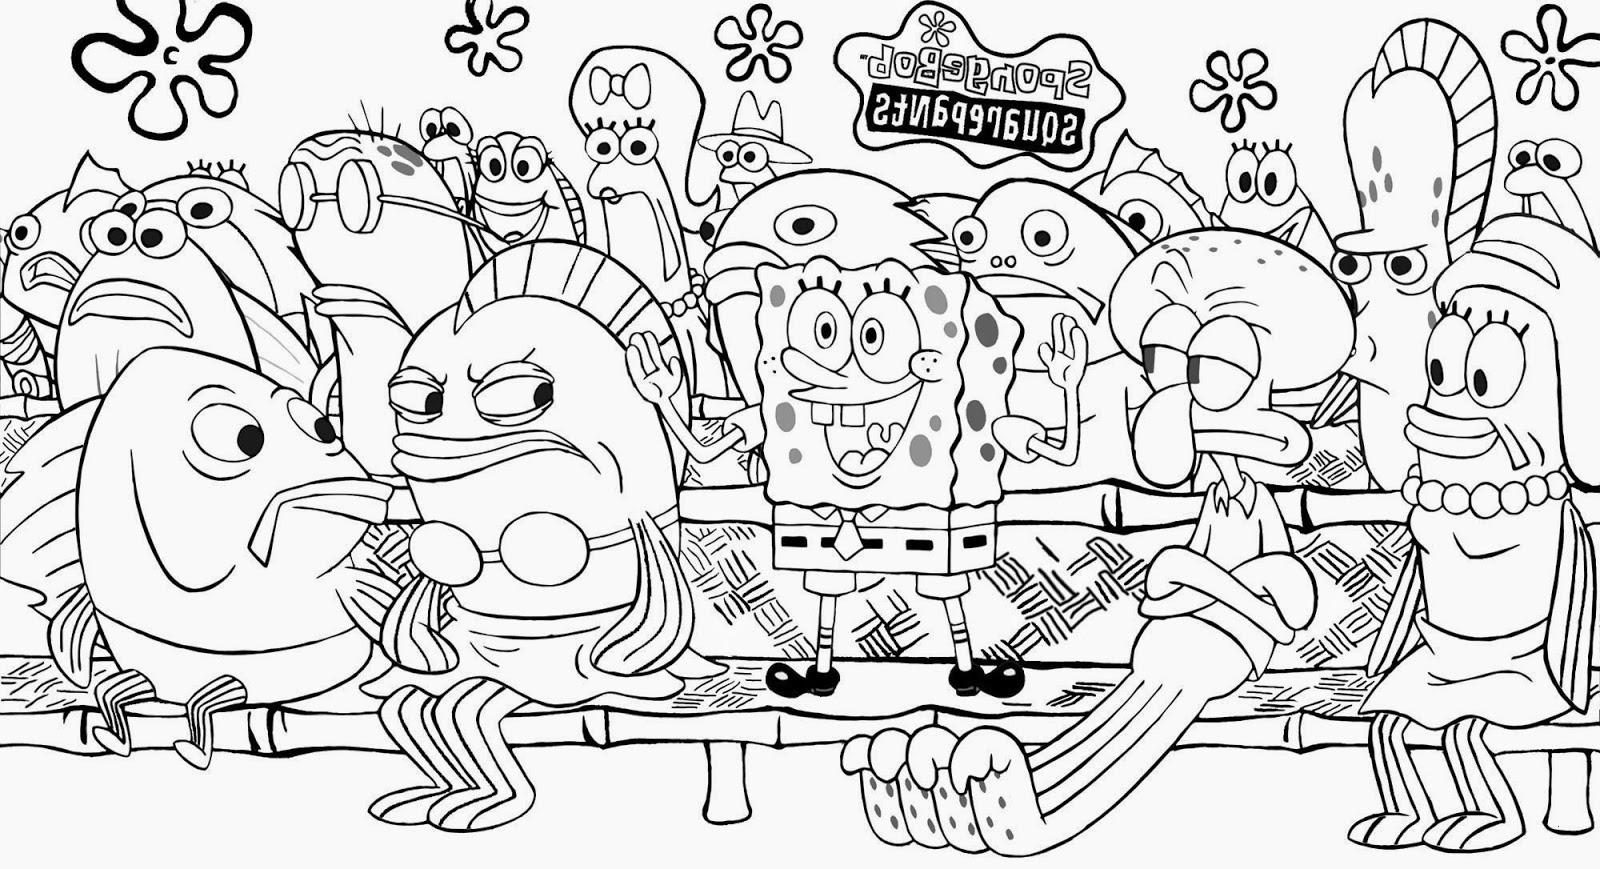 Spongebob Zum Ausmalen Genial 44 Beste Von Ausmalbilder Kikaninchen – Große Coloring Page Sammlung Sammlung